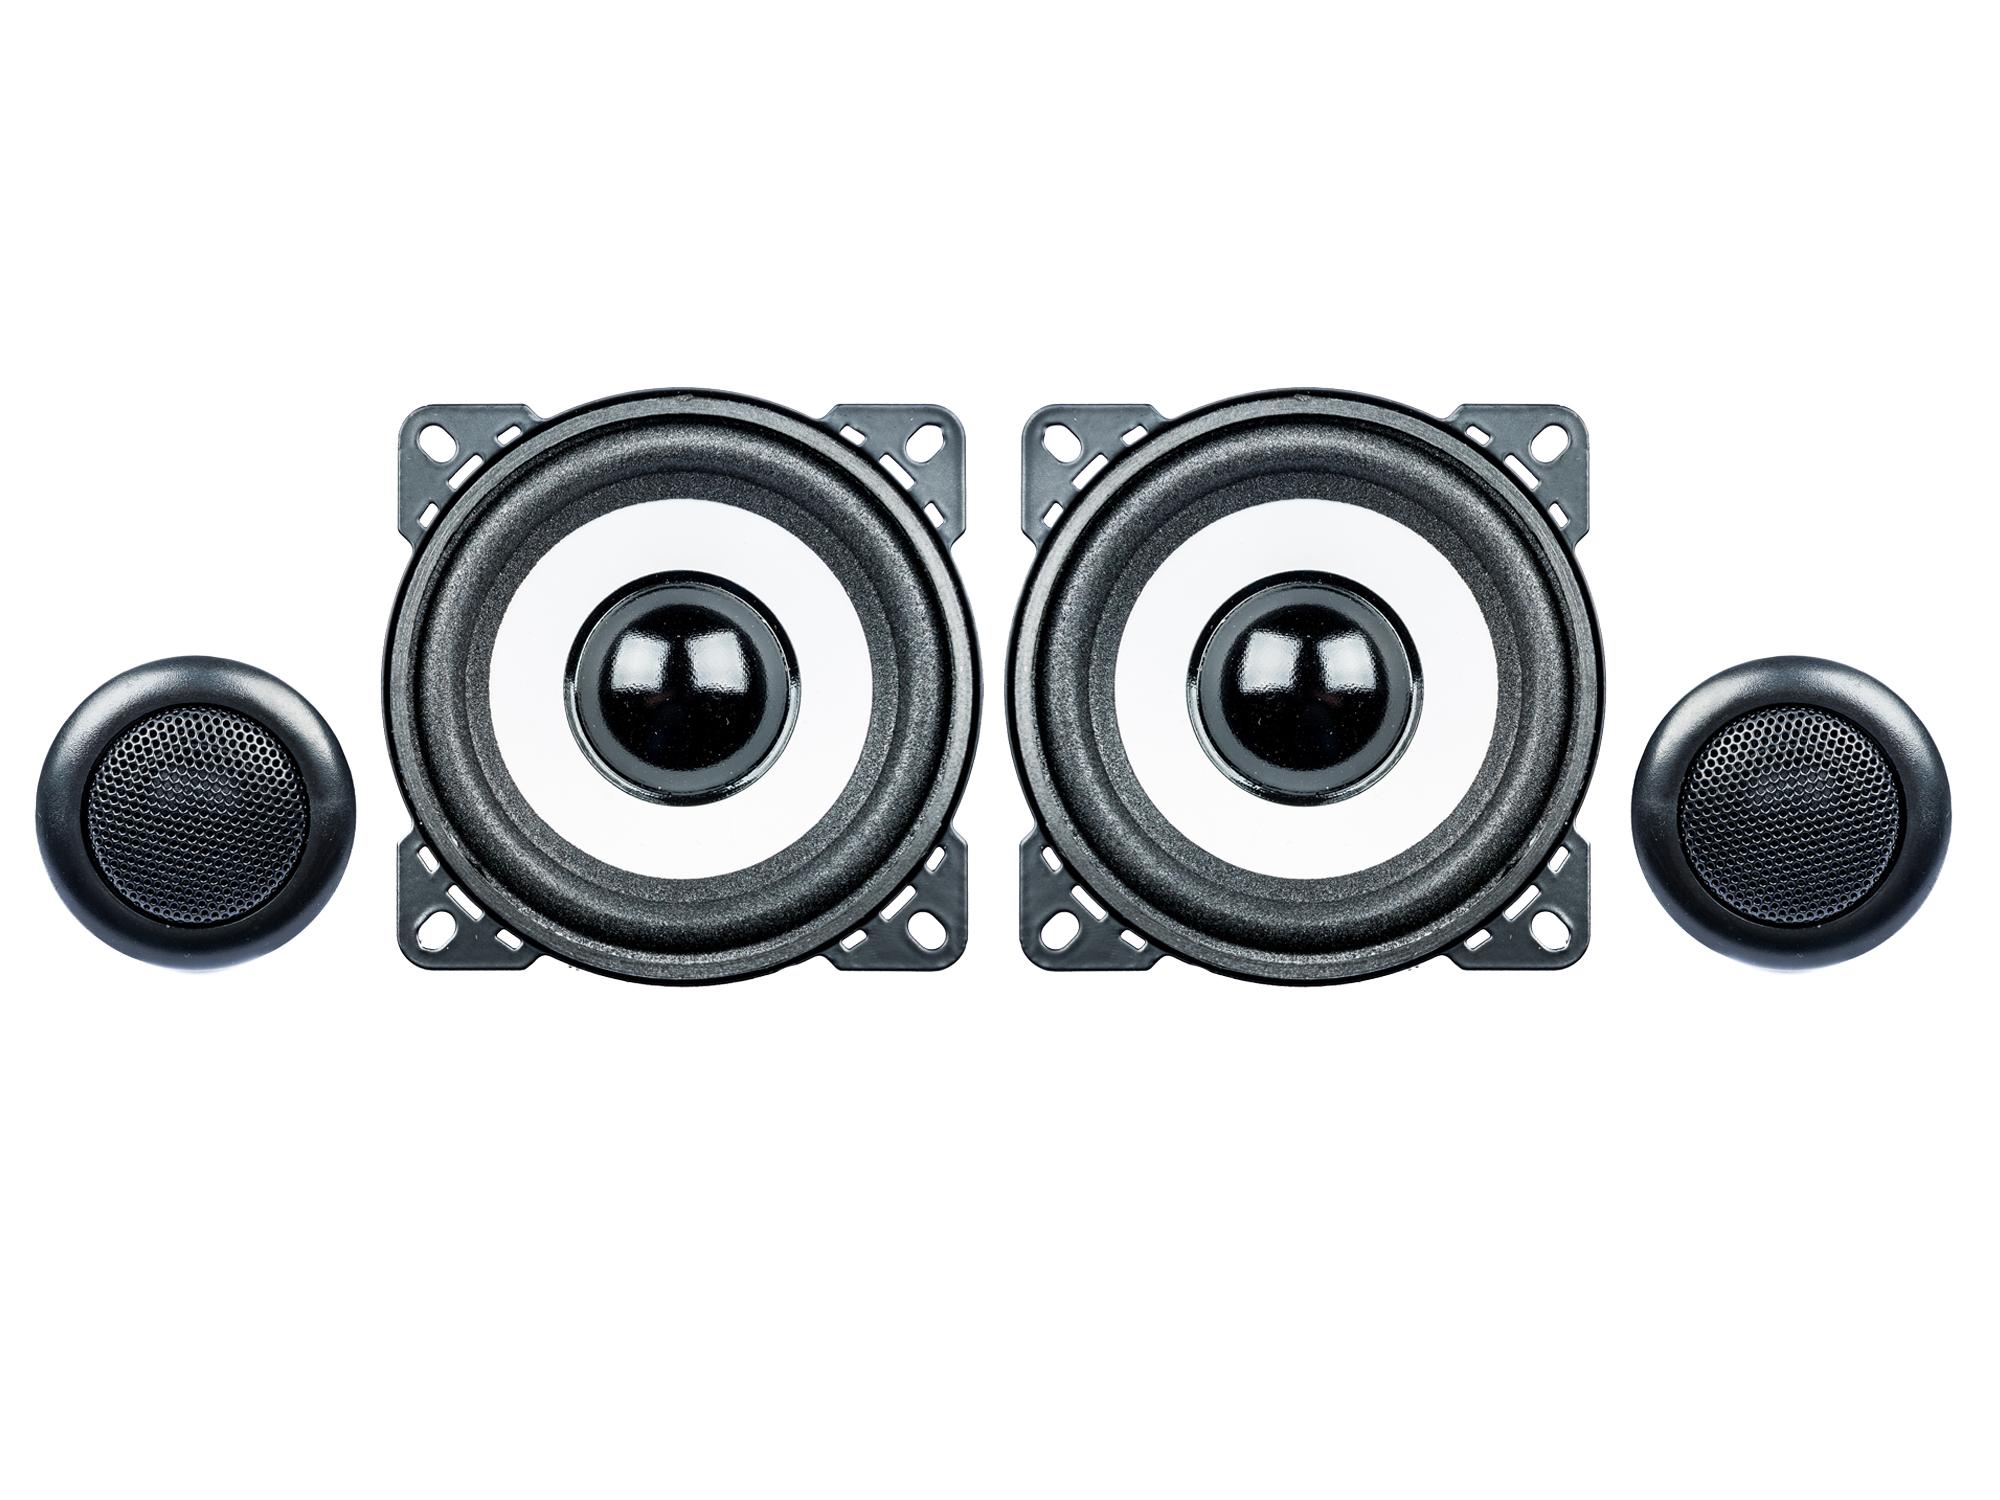 PG Audio Evo II 2.10 Kompo Lautsprecher 10 cm max. 160 Watt,100 mm 1 Paar